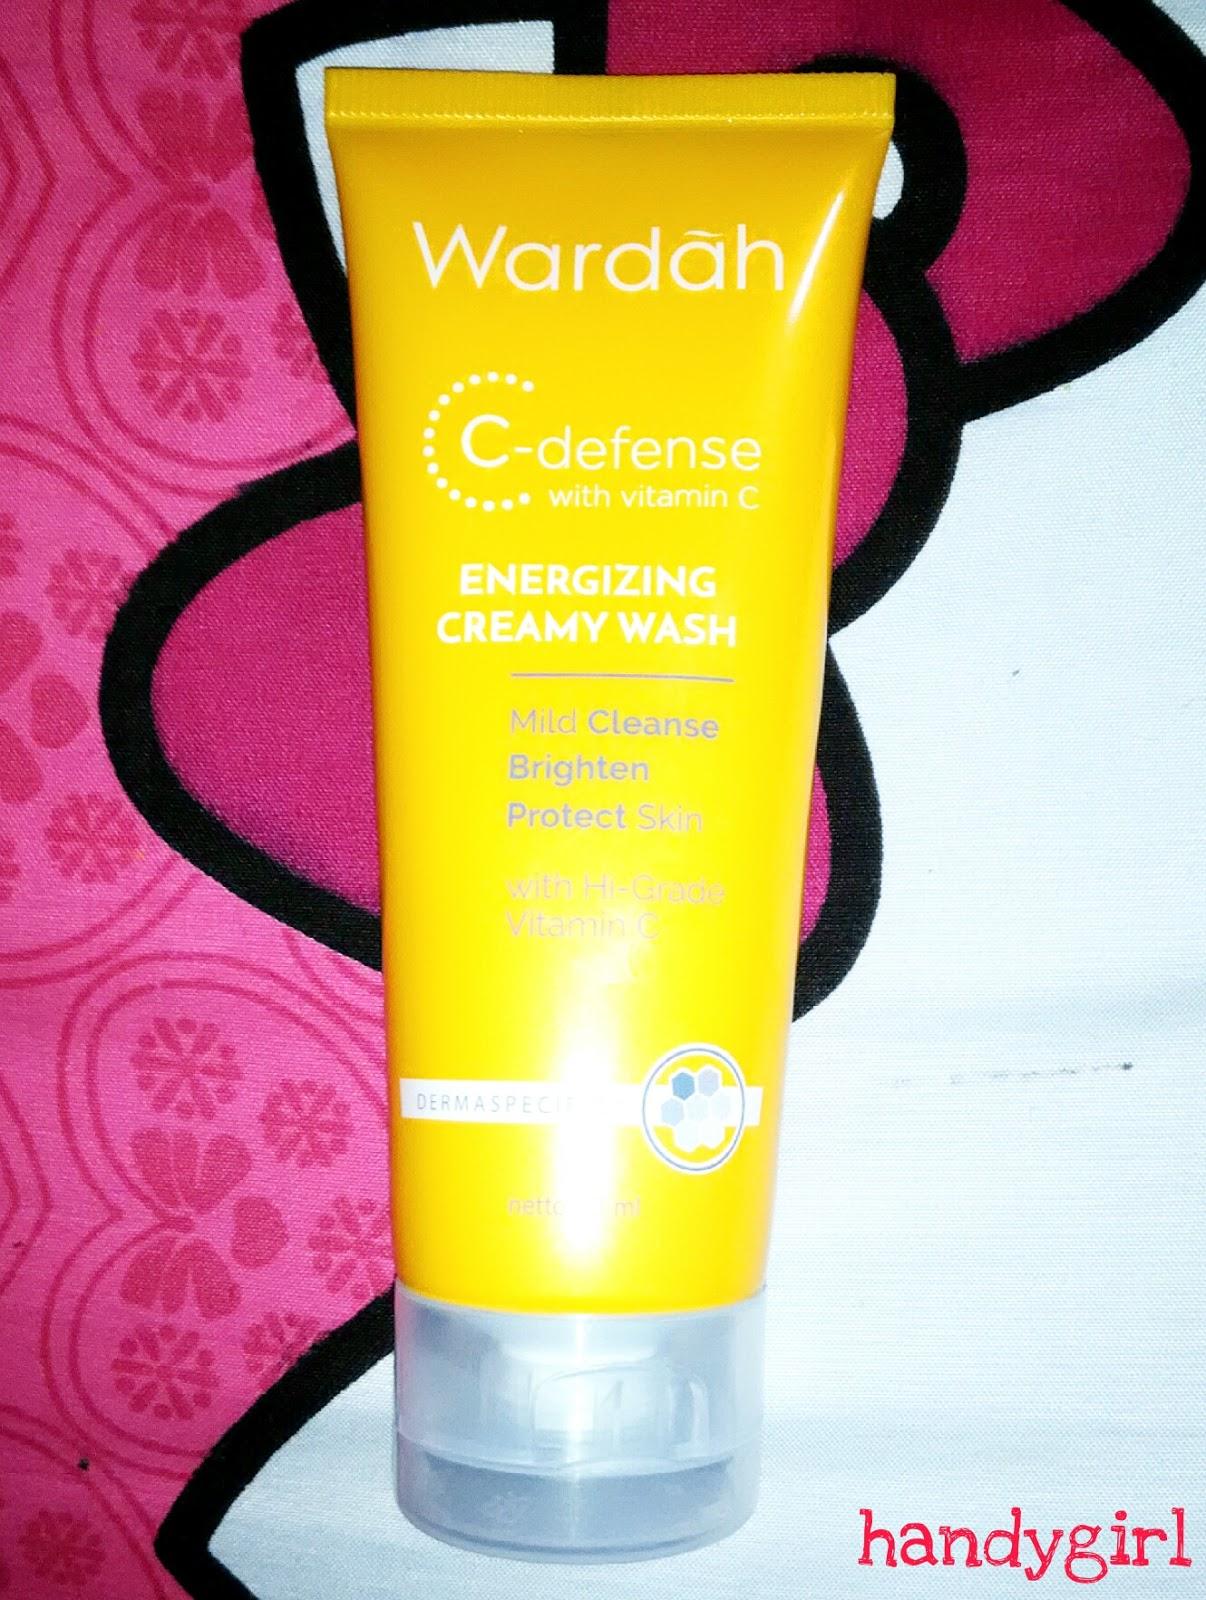 Handy Girl Review Wardah C Defense Energizing Creamy Wash Defence Serum Di Bagian Depan Itu Tertulis Kalau Nya Aku Ngerti Sih Sama Lah Kayak Dd Creamnya Yaitu Mengandung Vitamin